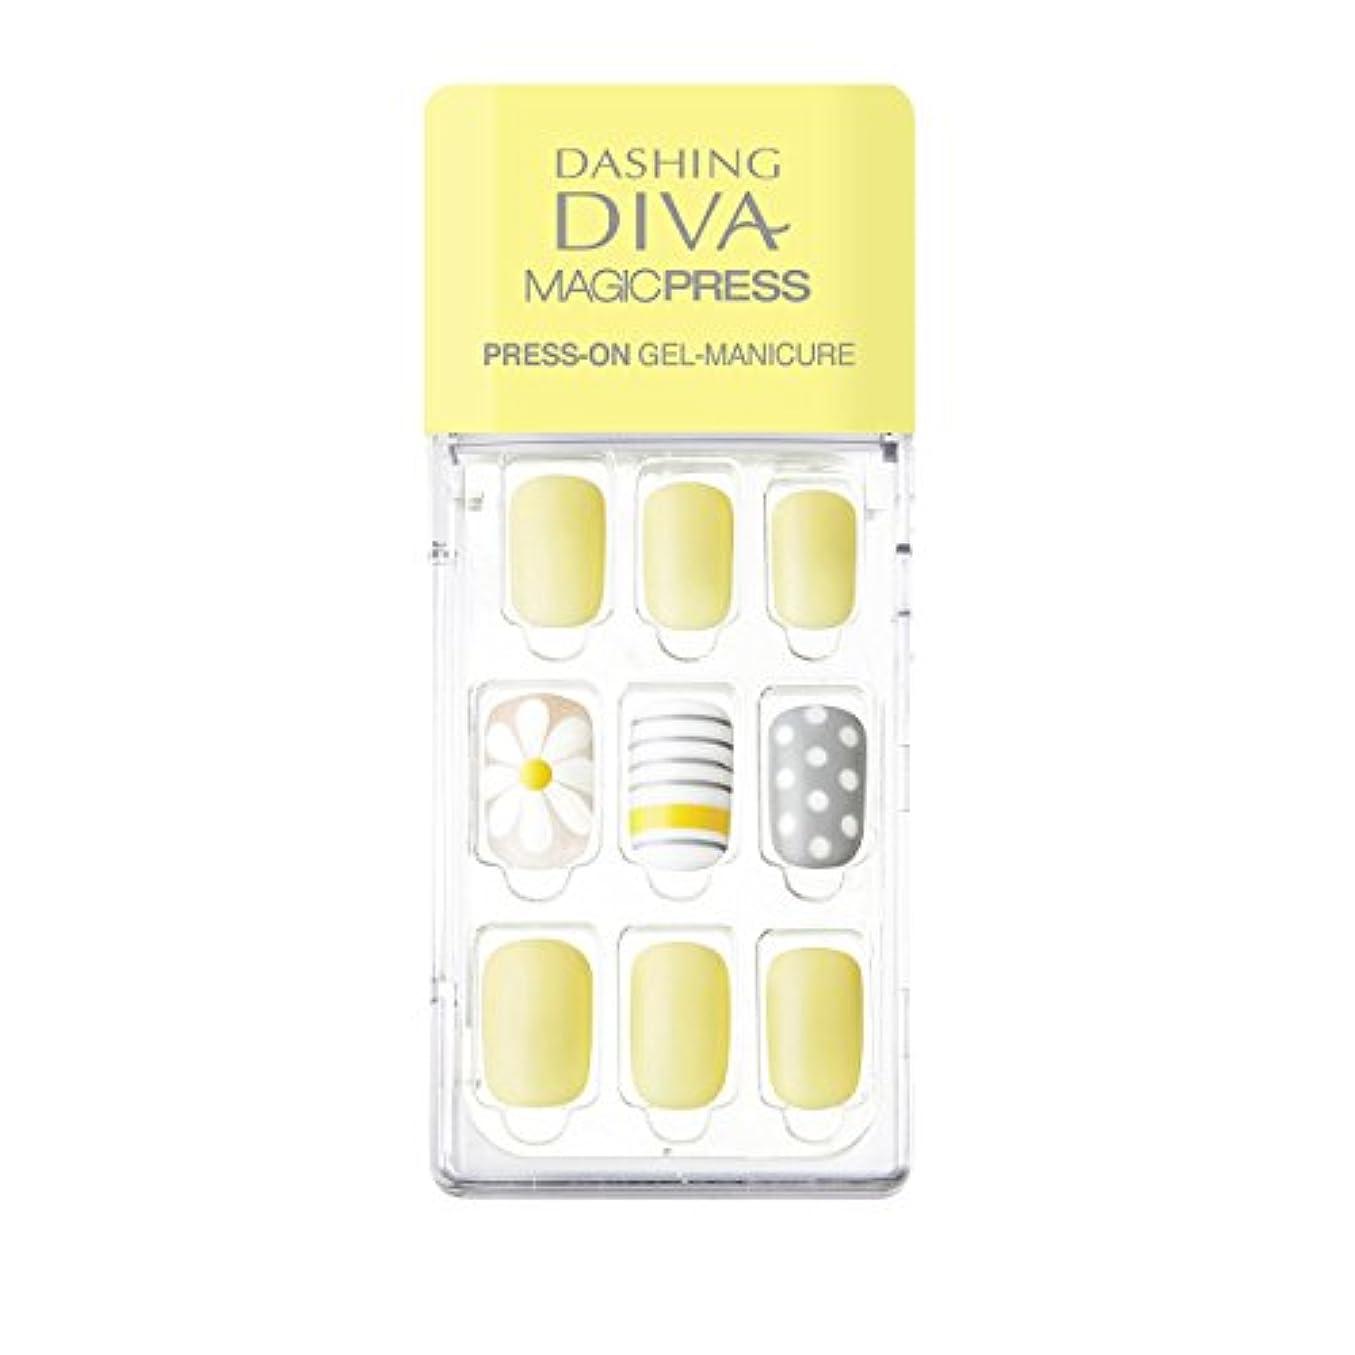 識別するドアミラーレプリカダッシングディバ マジックプレス DASHING DIVA MagicPress MDR135-DURY+ オリジナルジェル ネイルチップ